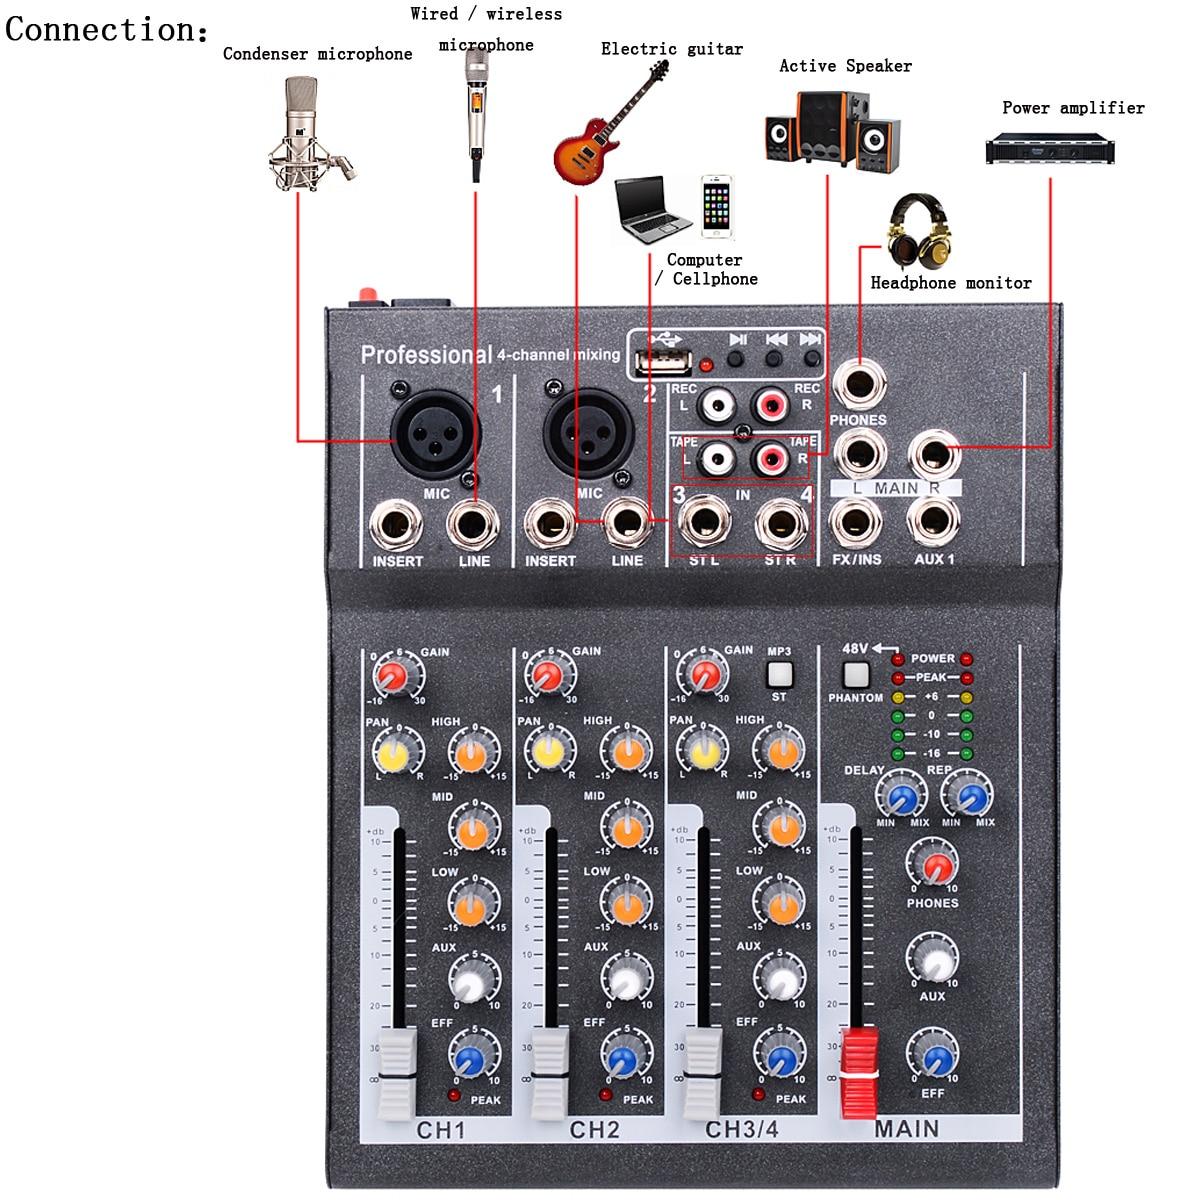 Мини Портативный аудио микшер с USB DJ Sound микшерный пульт MP3 Jack 4 канала караоке 48 В усилитель для караоке KTV матч Вечерние